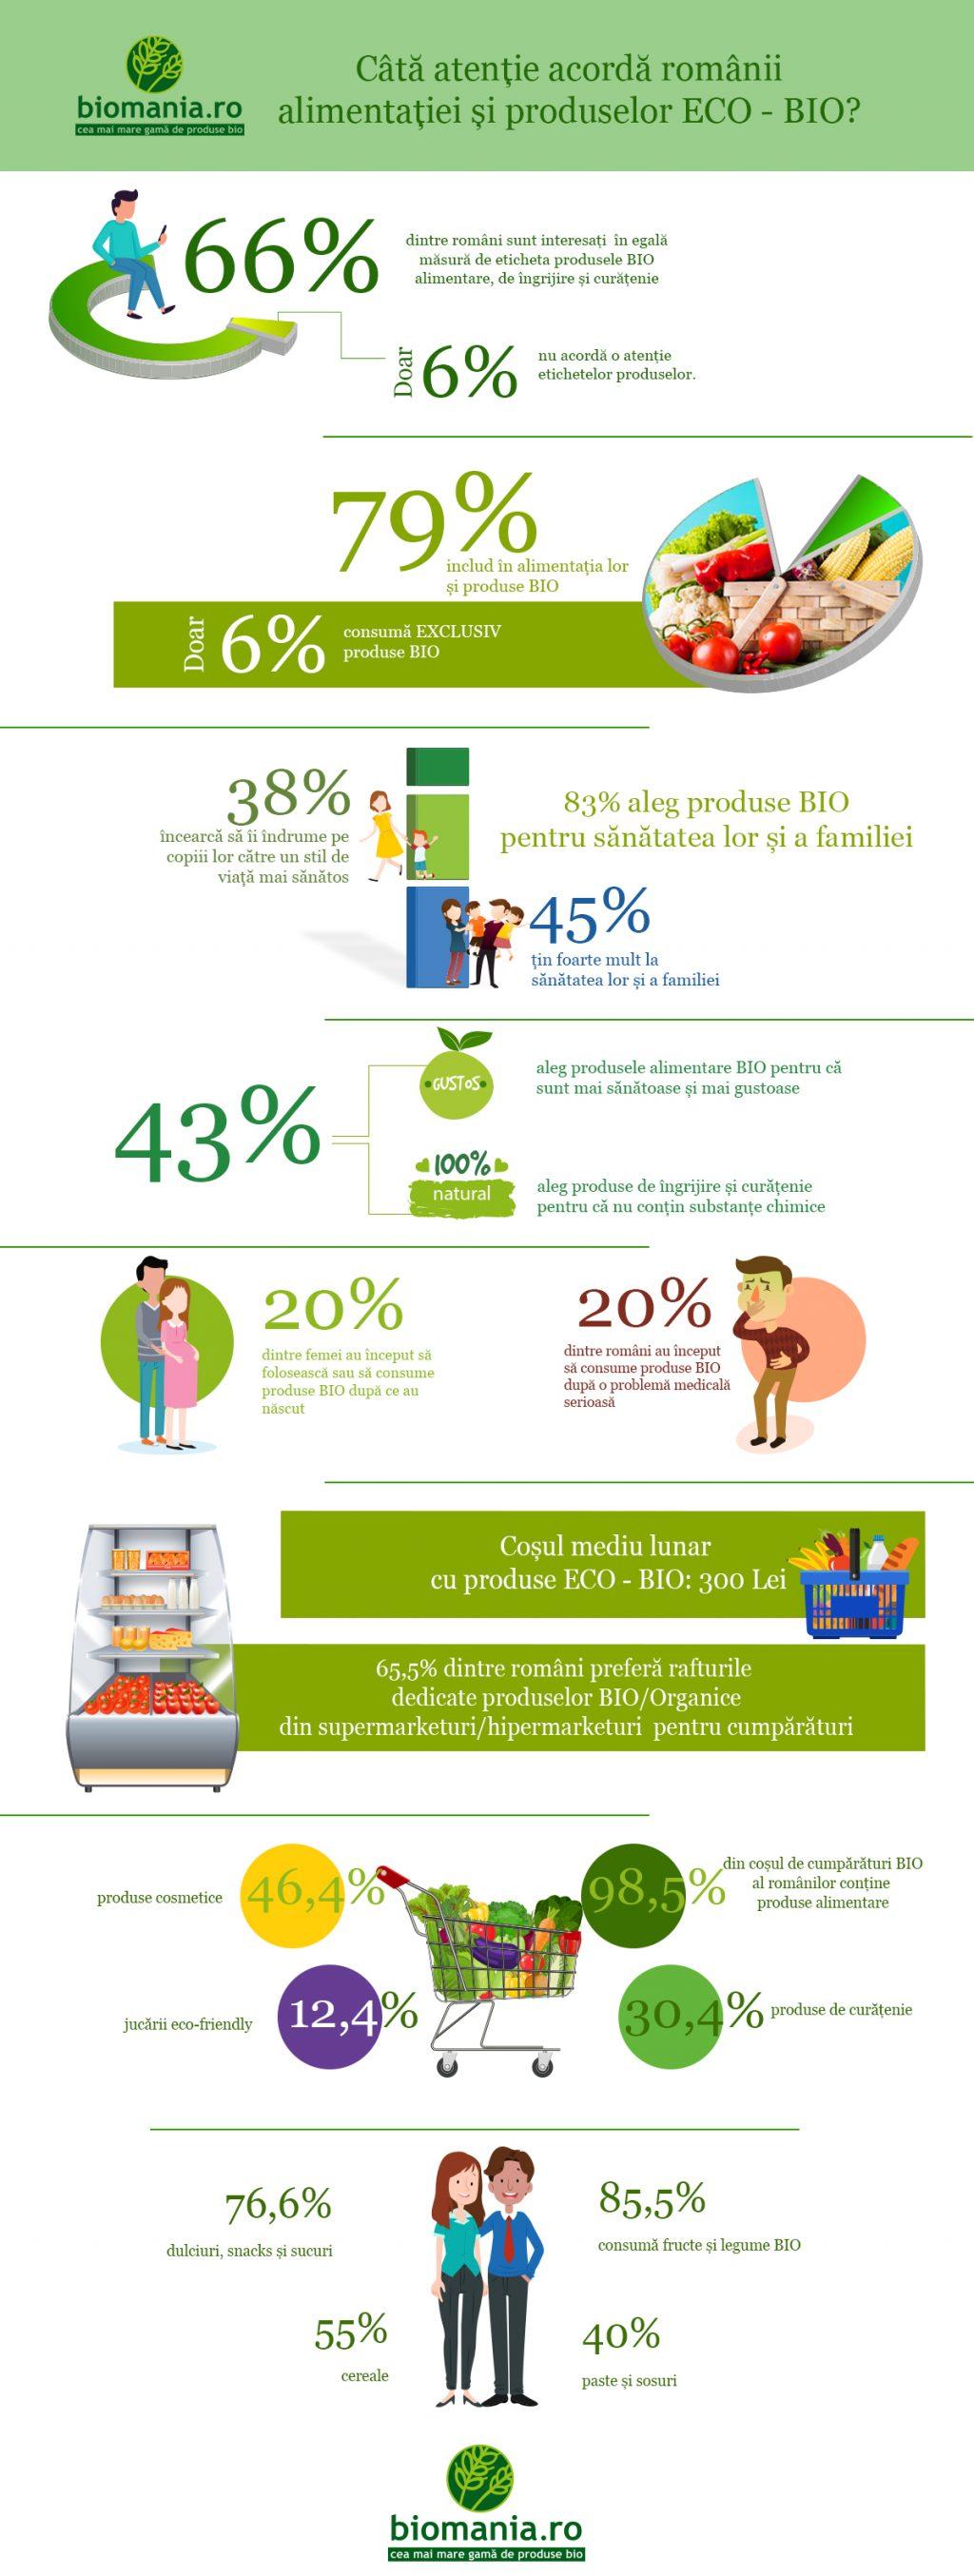 Studiu BioMania.ro: Consumul de produse BIO crește în rândul românilor: 79% dintre ei includ astăzi în alimentația lor produse BIO